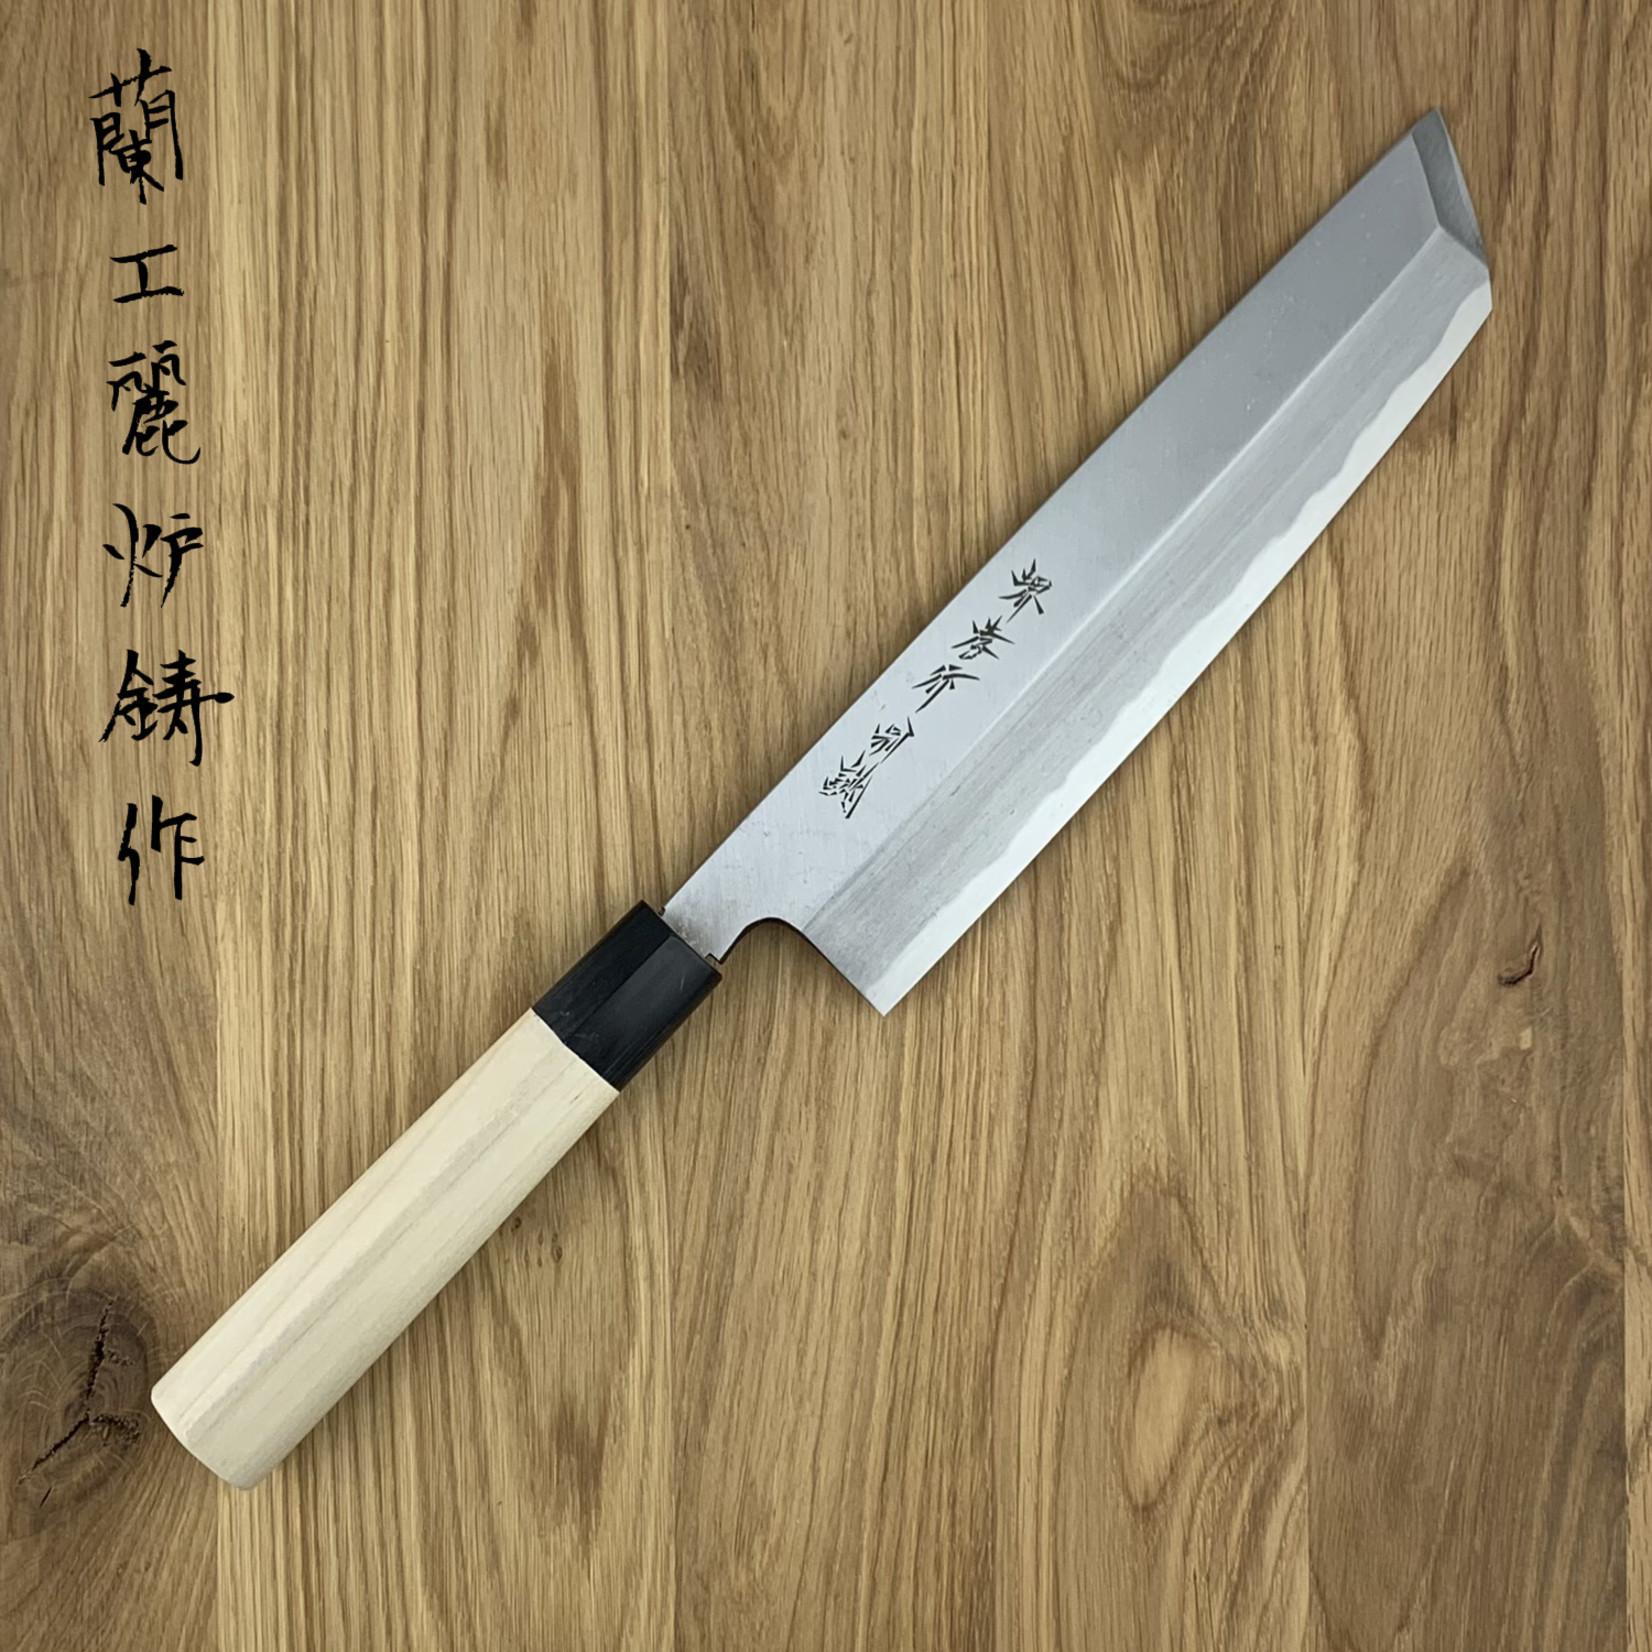 SAKAI TAKAYUKI Tokujou White #2 Magnolia Honekiri 240 mm 03073